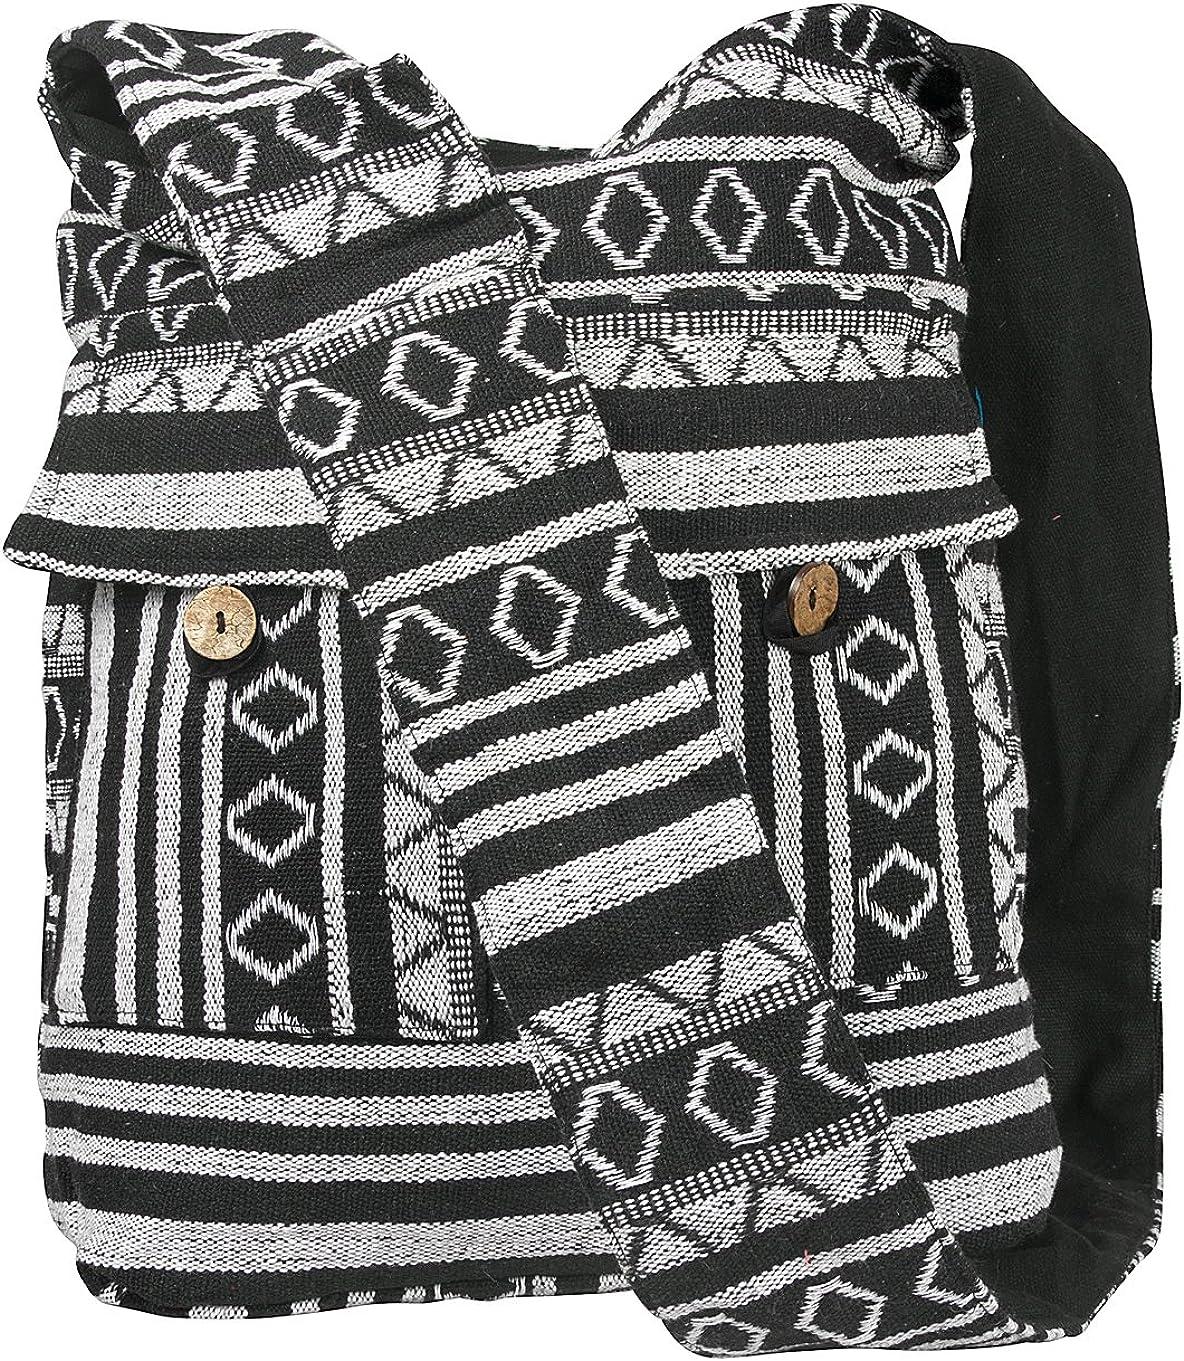 Tribe Azure Aztec Black White Woven Handmade Crossbody Hobo Women Shoulder Bag Sling Casual Large